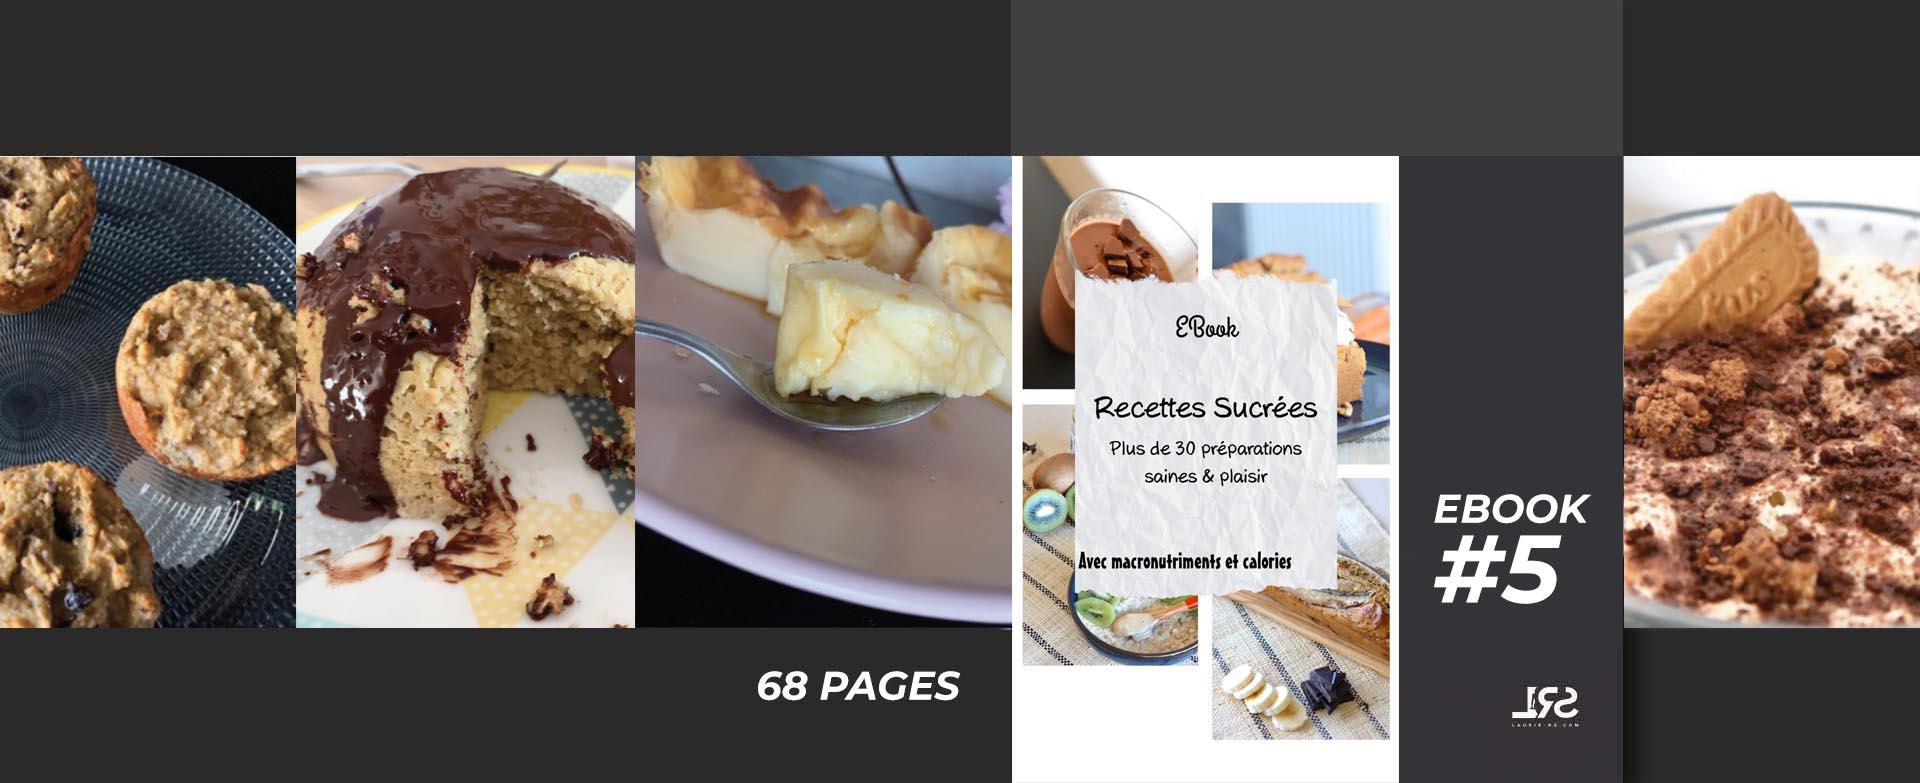 Recettes sucrées laurie Rs ebook